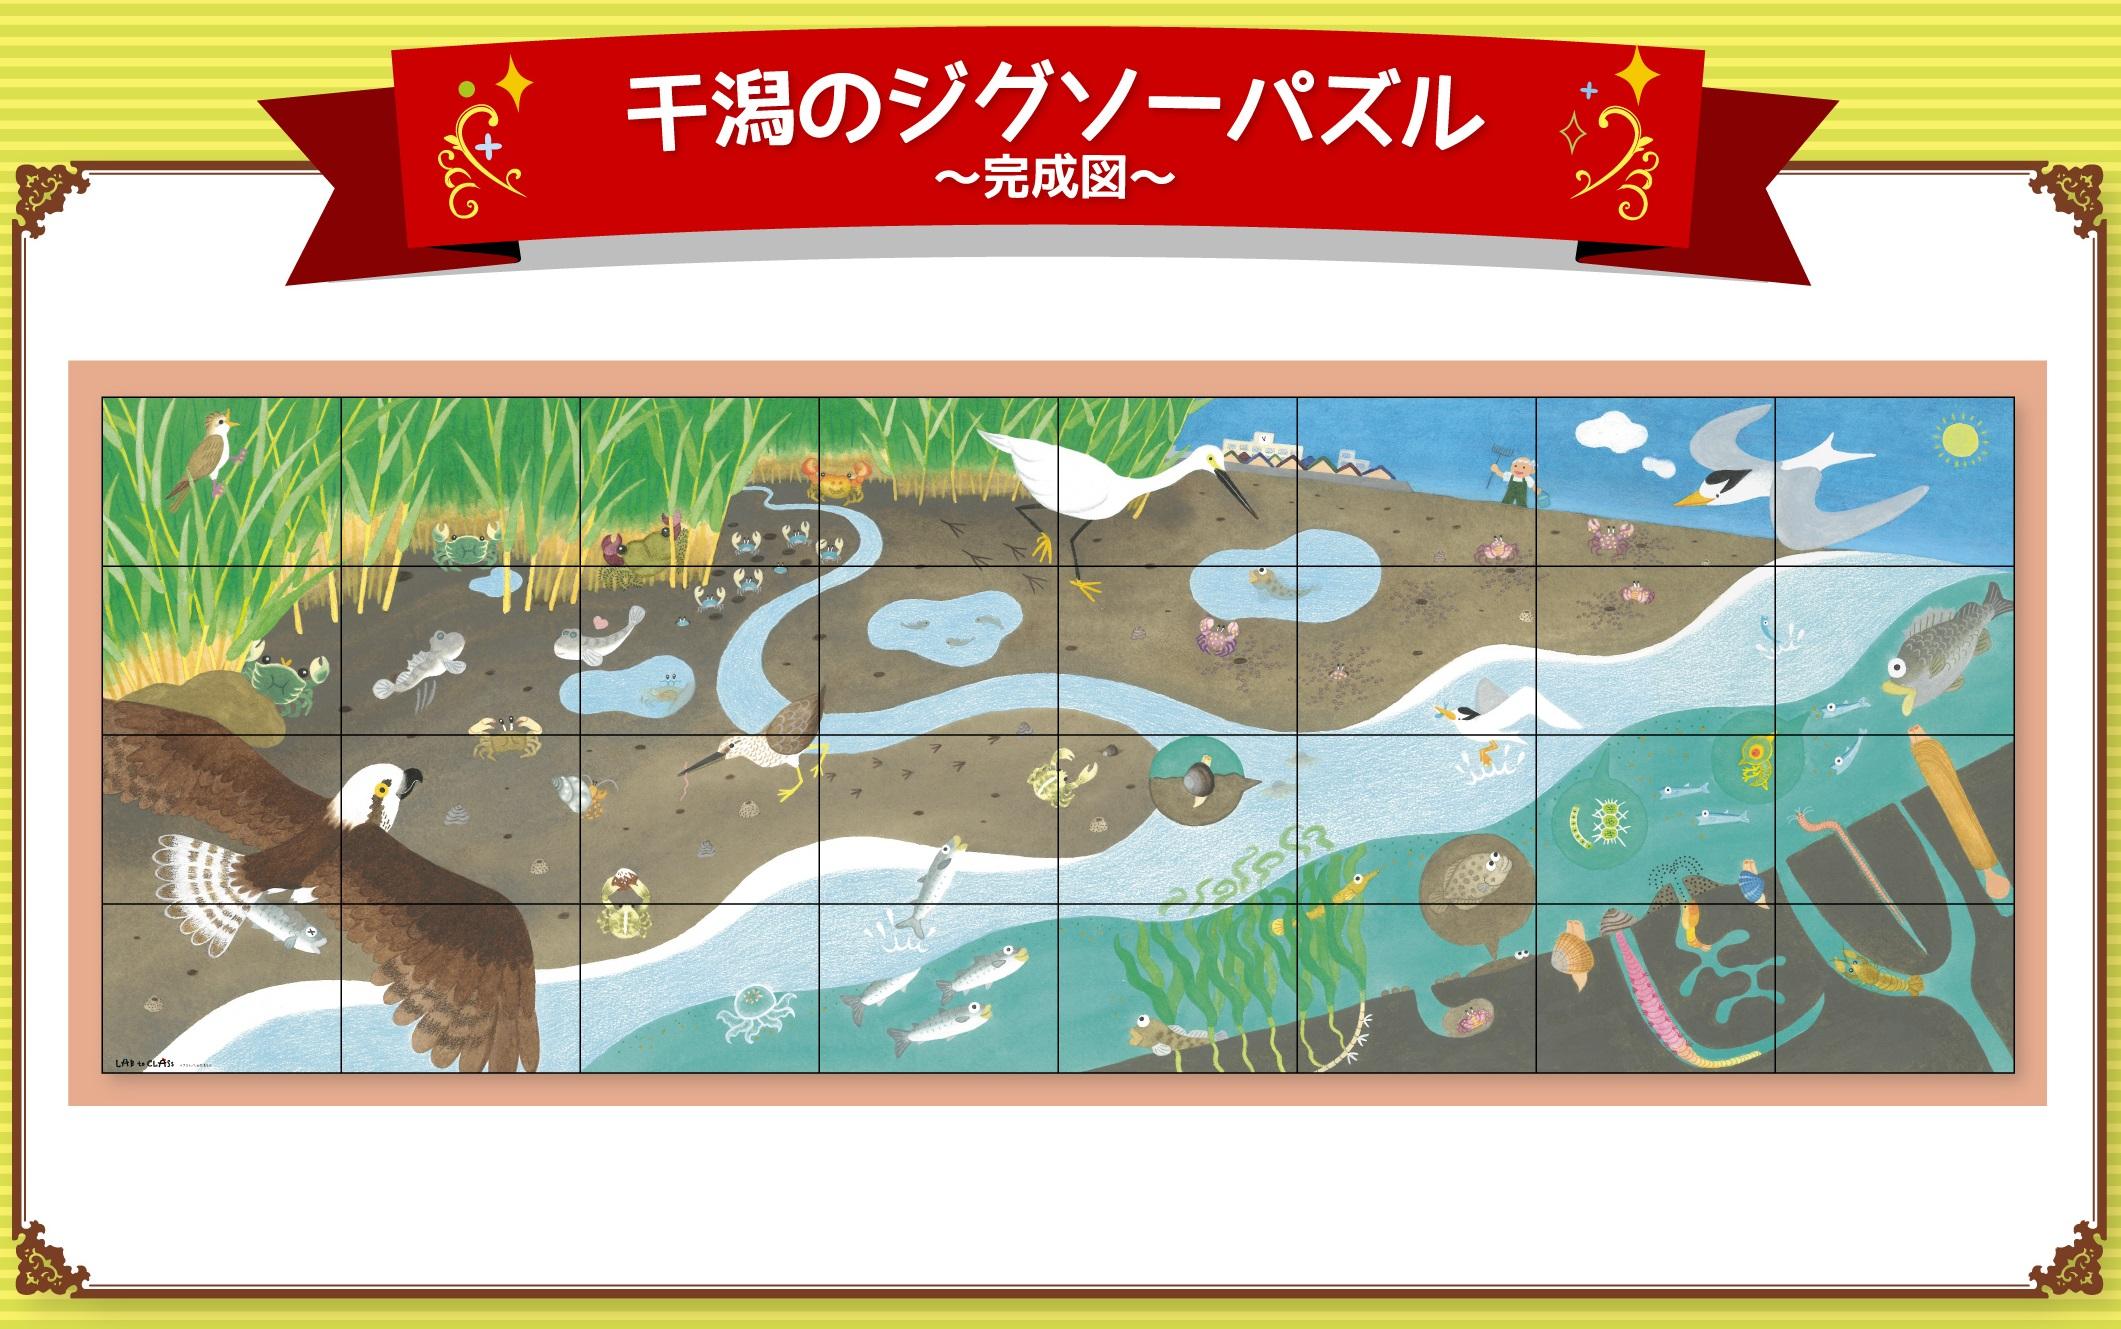 干潟のジグソーパズル | そのまま使える海洋学習の教材が満載。全教材が